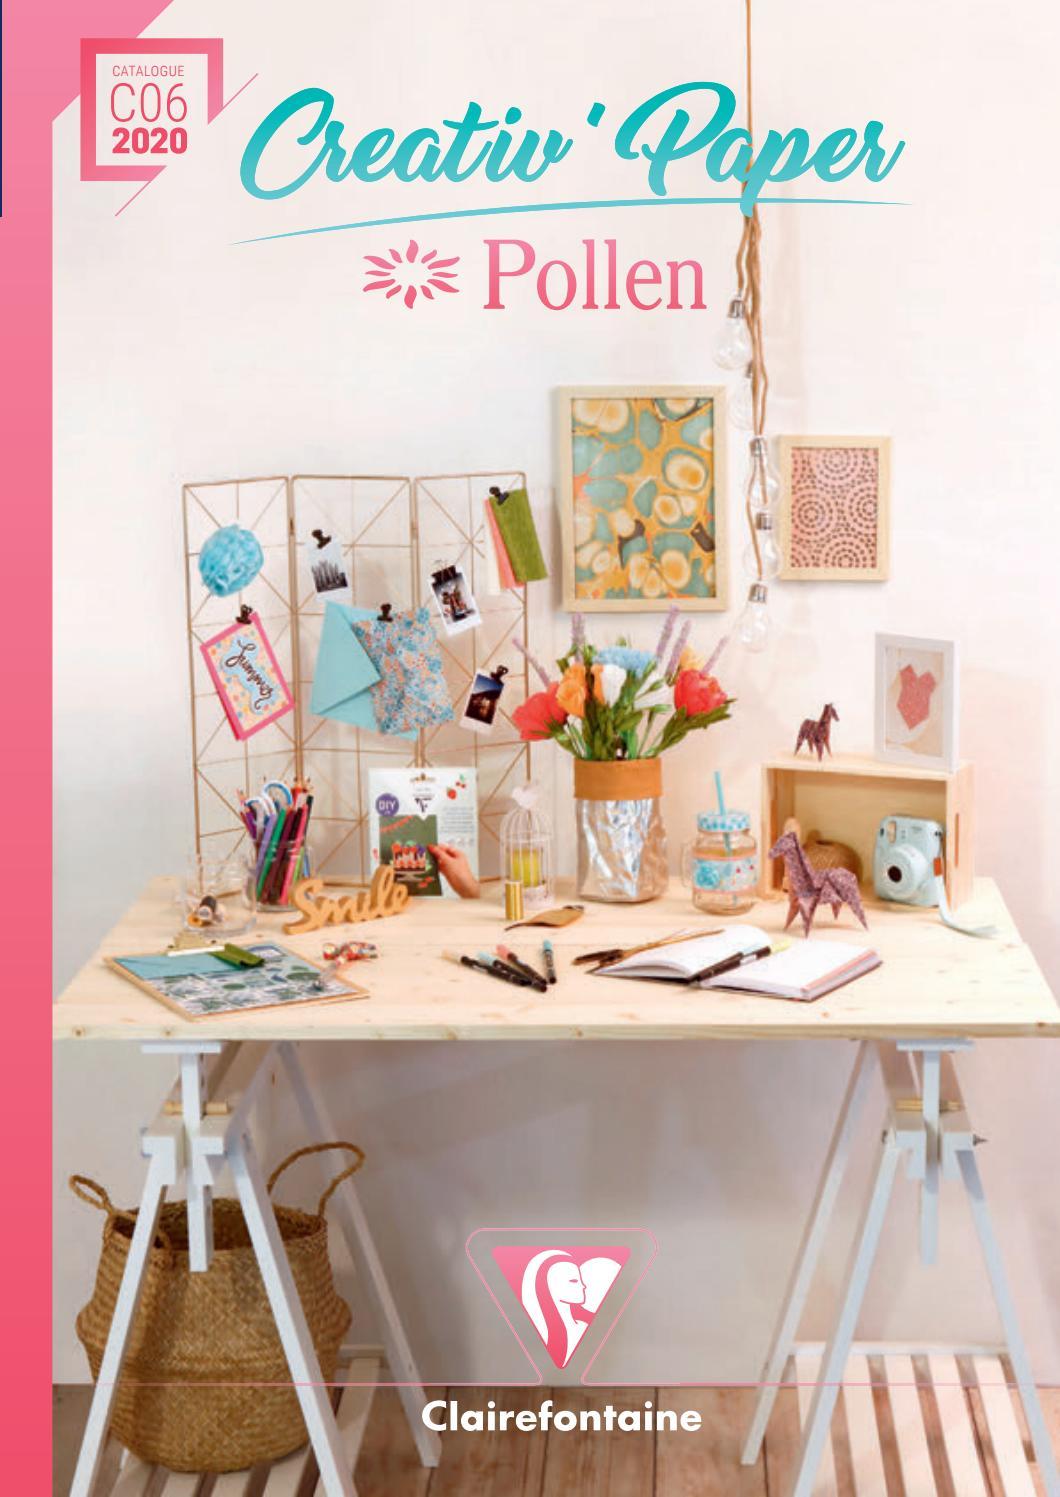 10 x Individuel table de mariage plan cartes-Glitter//Coeur//Sparkle plus couleurs!